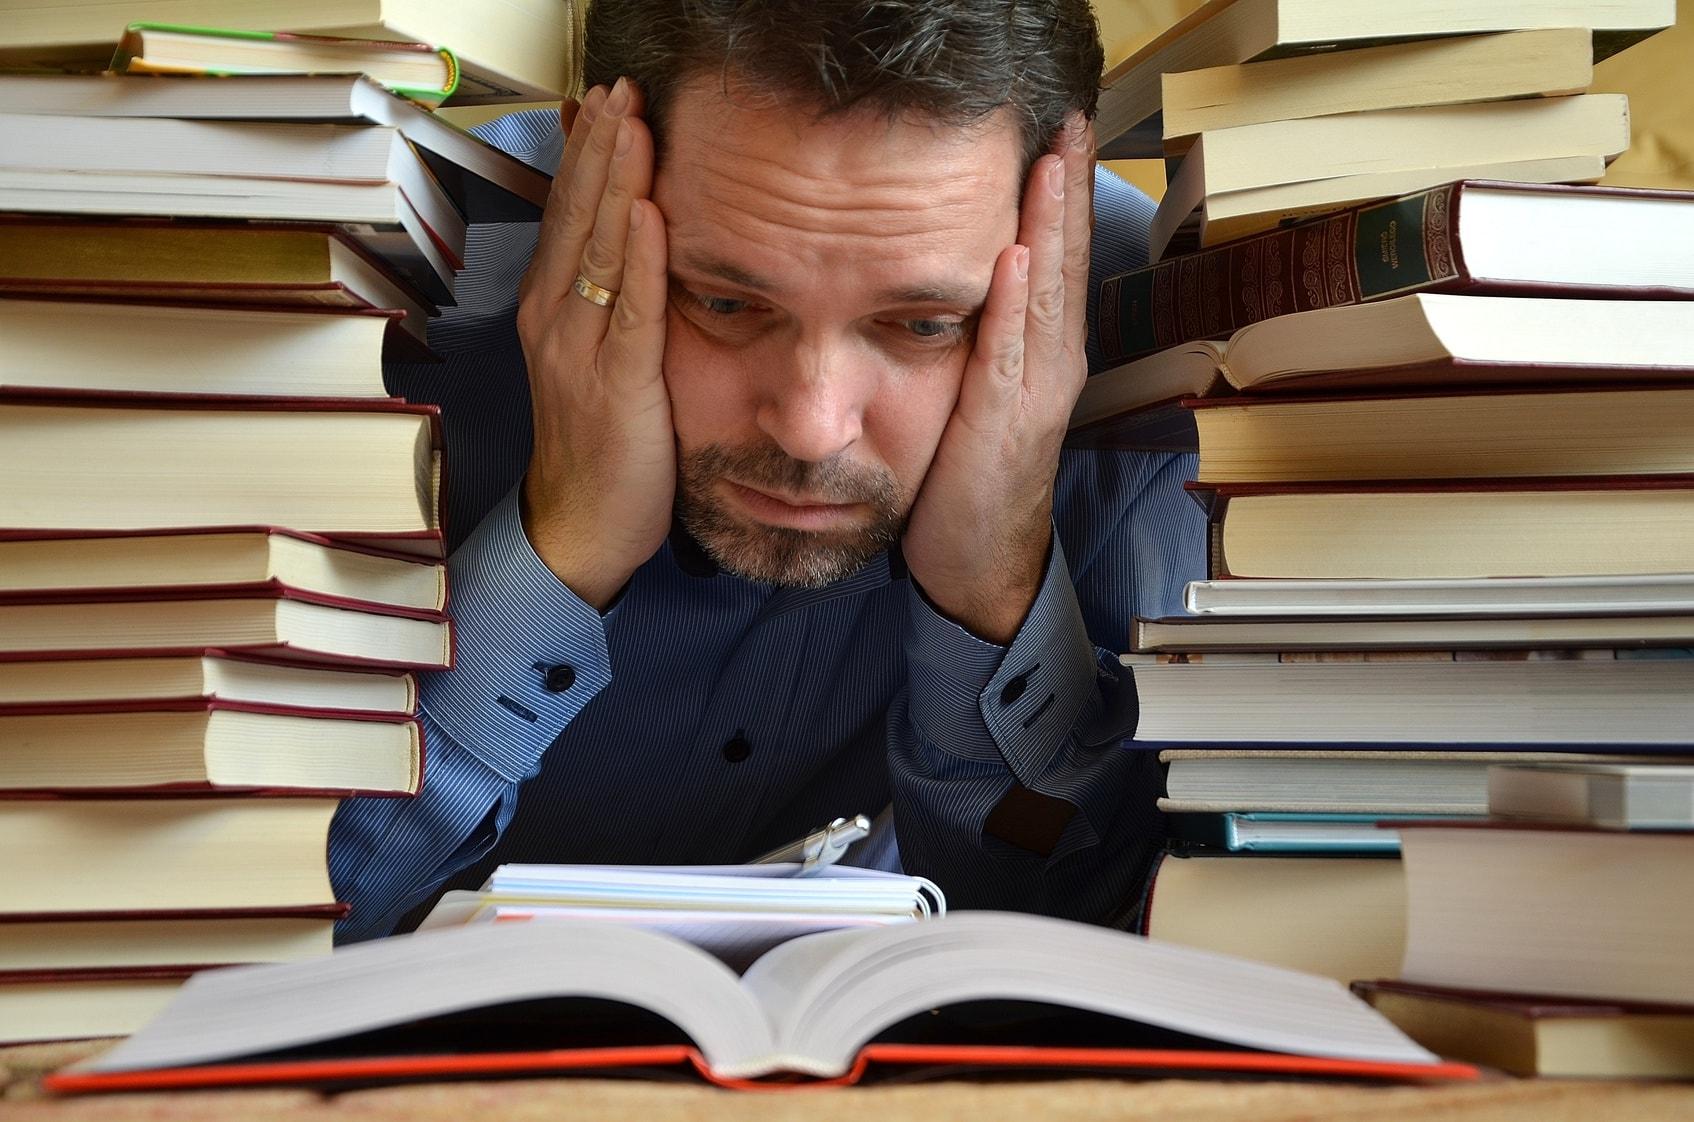 Dissertation schreiben vs Urlaub